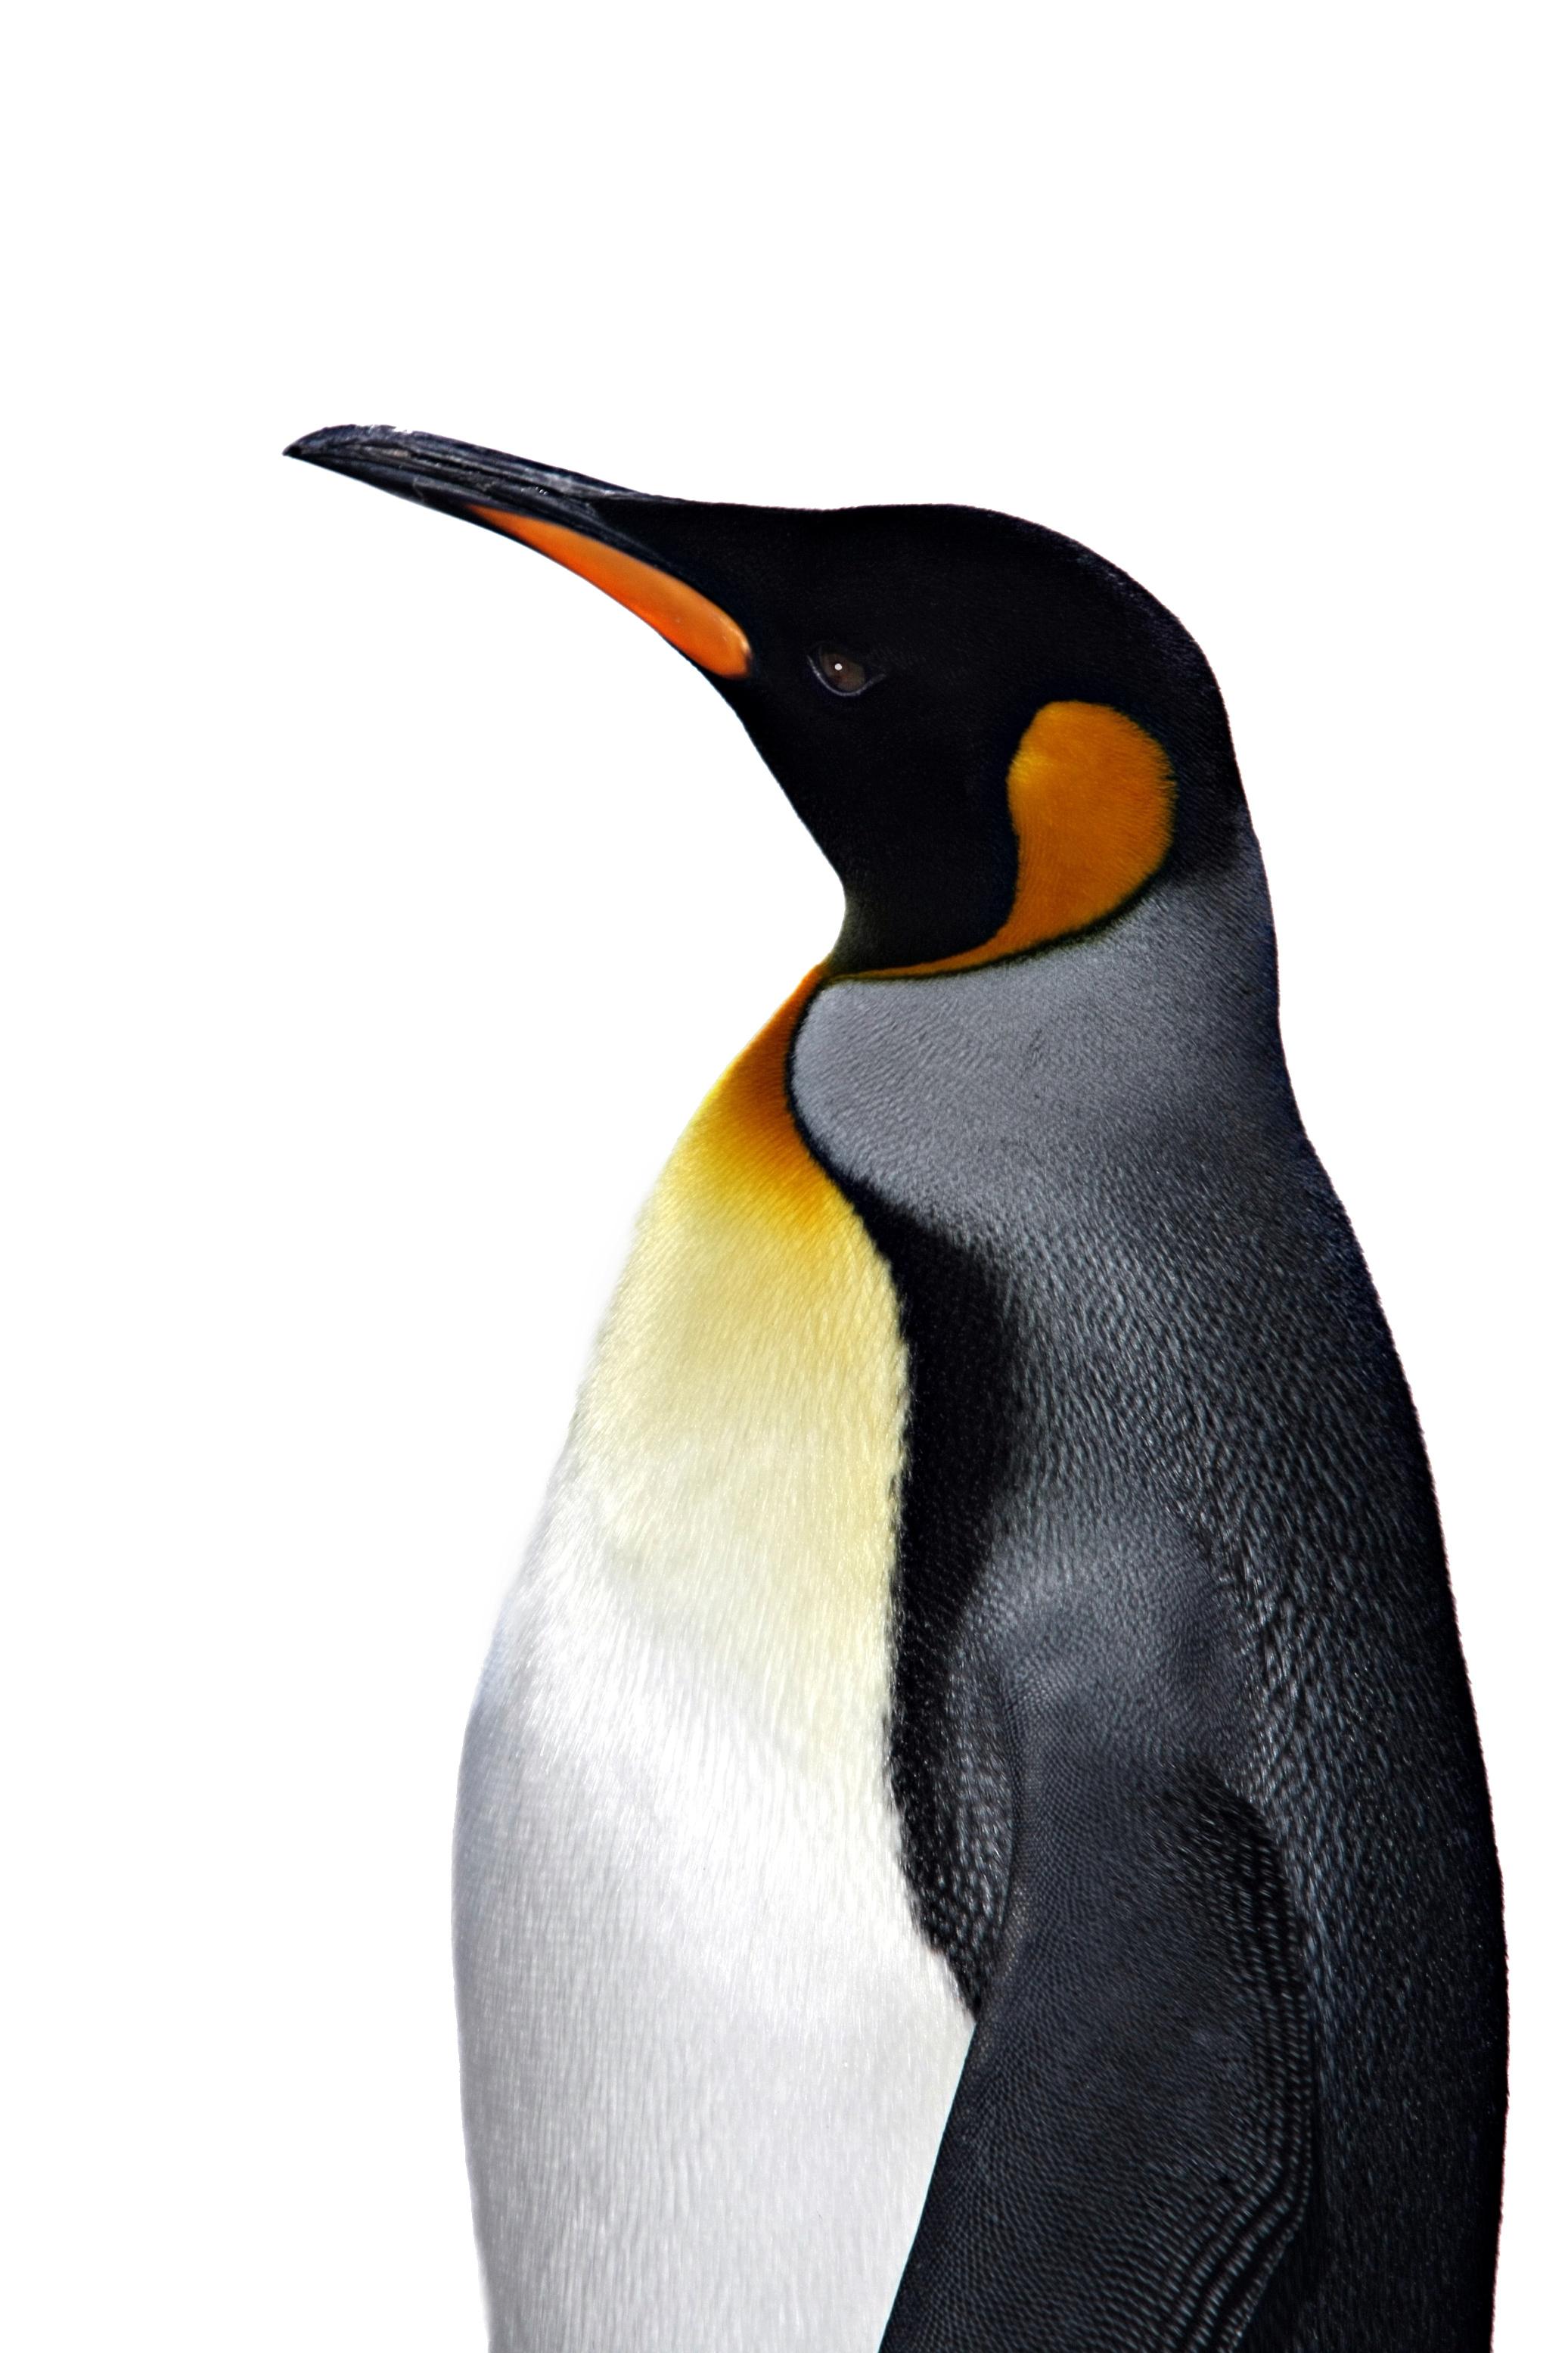 Королевсикй императорский пингвин, фото, обои для рабочего стола